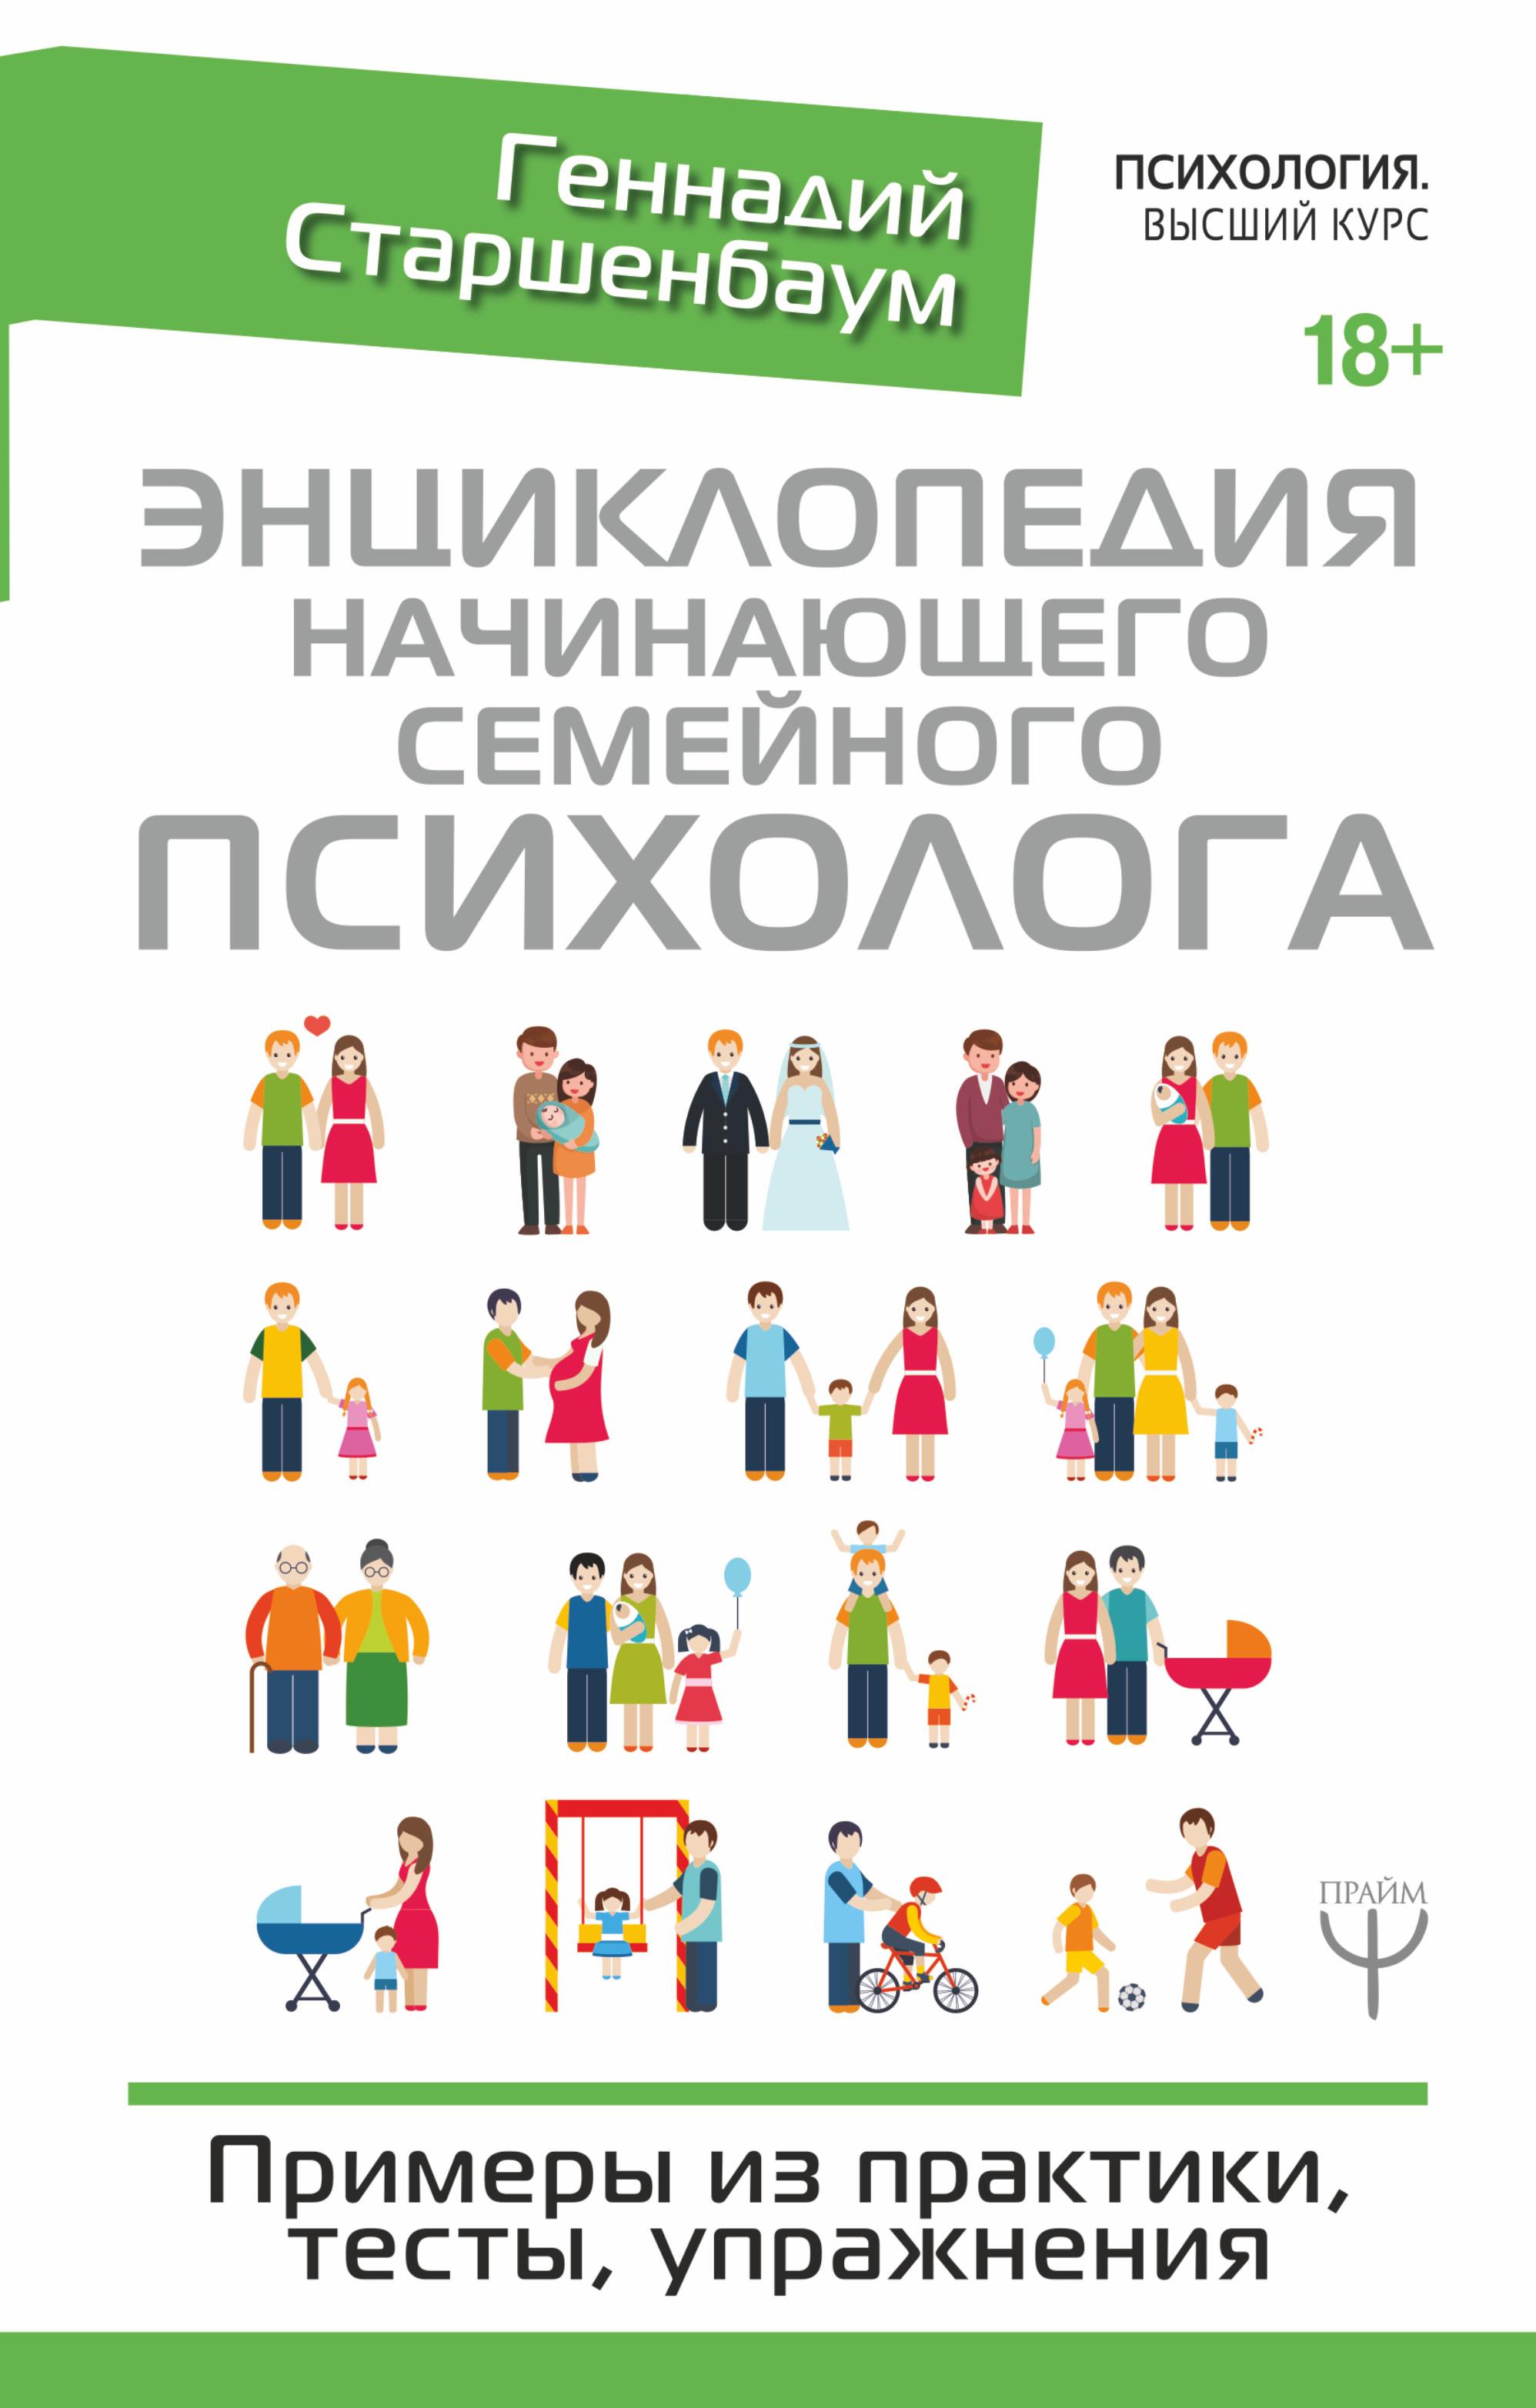 Геннадий Старшенбаум Энциклопедия начинающего семейного психолога. Примеры из практики, тесты, упражнения